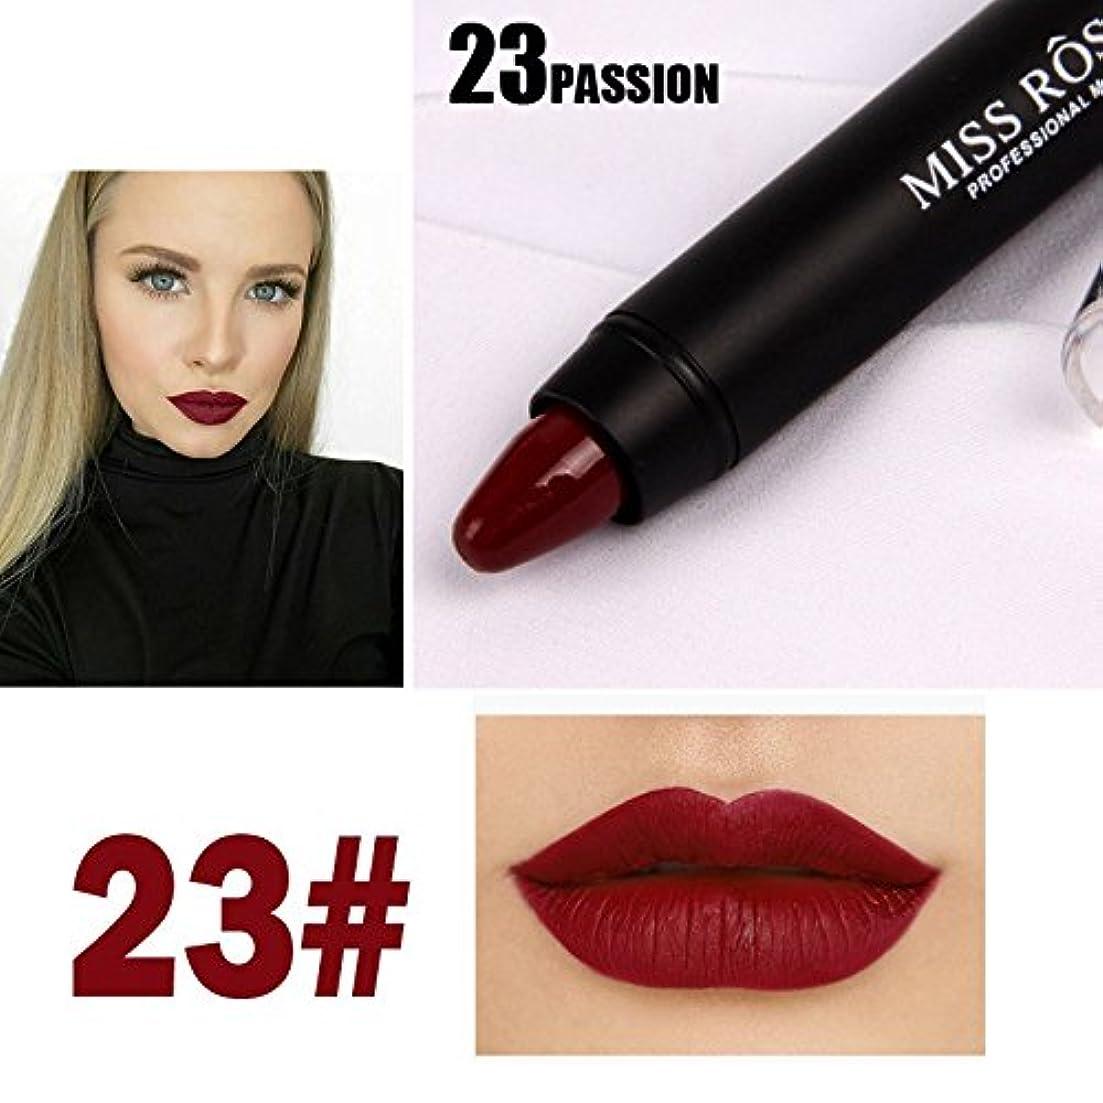 思われる動脈野望MISS ROSE Professional Women Waterproof Lipstick Lips Cream Beauty Lote Batom Matte Lipstick Nude Pencils Makeup